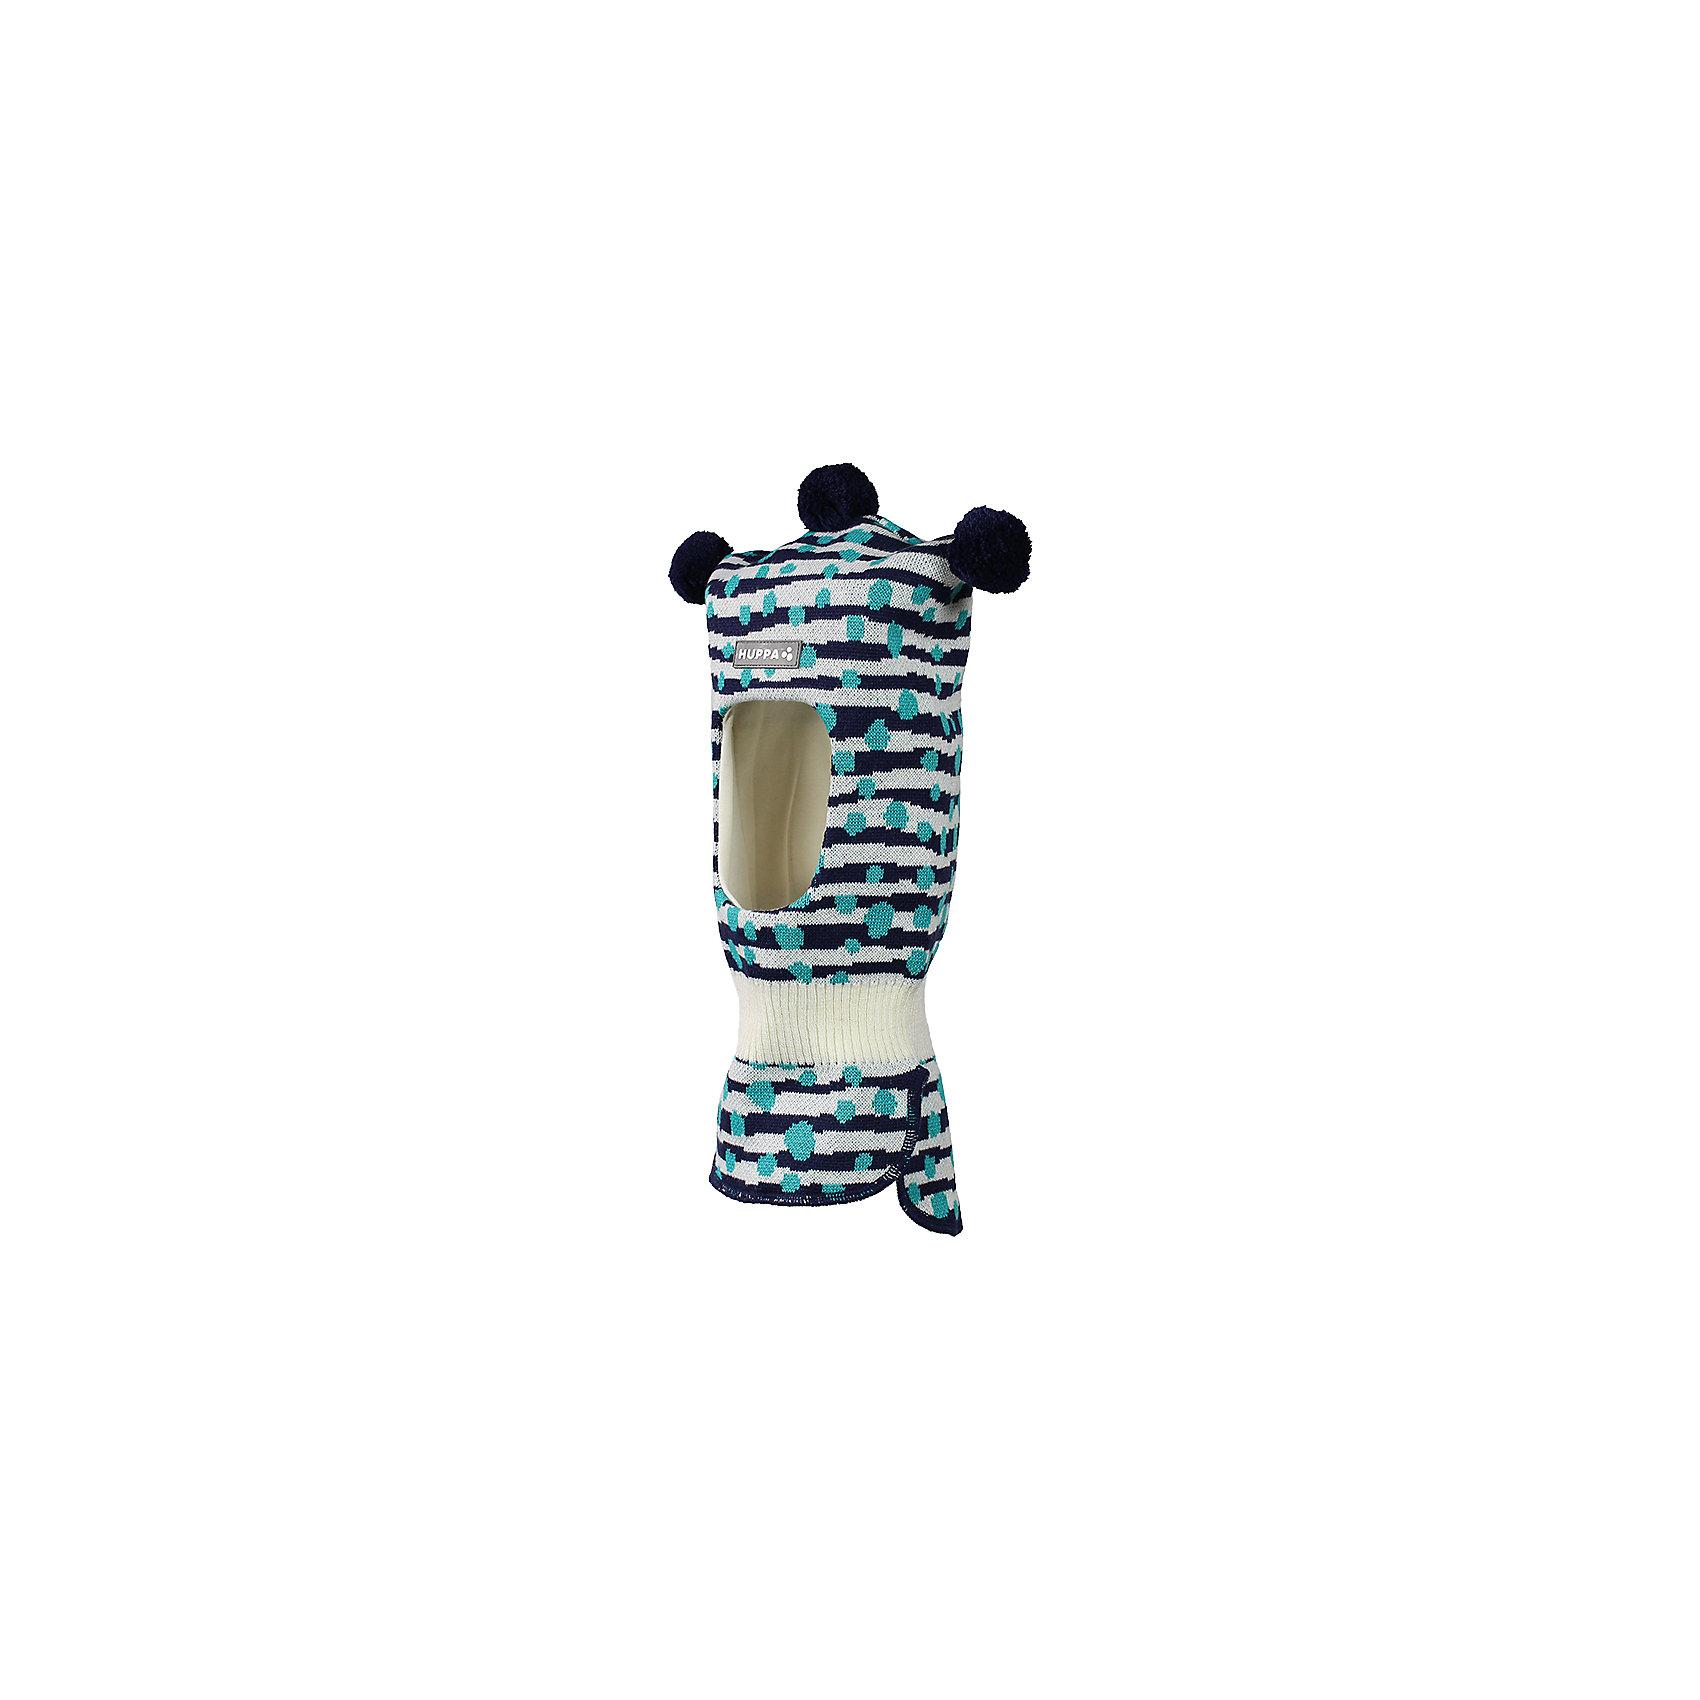 Шапка-шлем COCO HuppaГоловные уборы<br>Вязаная шапка-шлем для малышей COCO. Теплая вязанная шапочка на хлопковой подкладке, защитит от холода и ветра вашего ребенка в холодную погоду.<br>Состав:<br>50% мерс.шерсть, 50% акрил<br><br>Ширина мм: 89<br>Глубина мм: 117<br>Высота мм: 44<br>Вес г: 155<br>Цвет: синий<br>Возраст от месяцев: 3<br>Возраст до месяцев: 12<br>Пол: Унисекс<br>Возраст: Детский<br>Размер: 43-45,47-49<br>SKU: 7029364